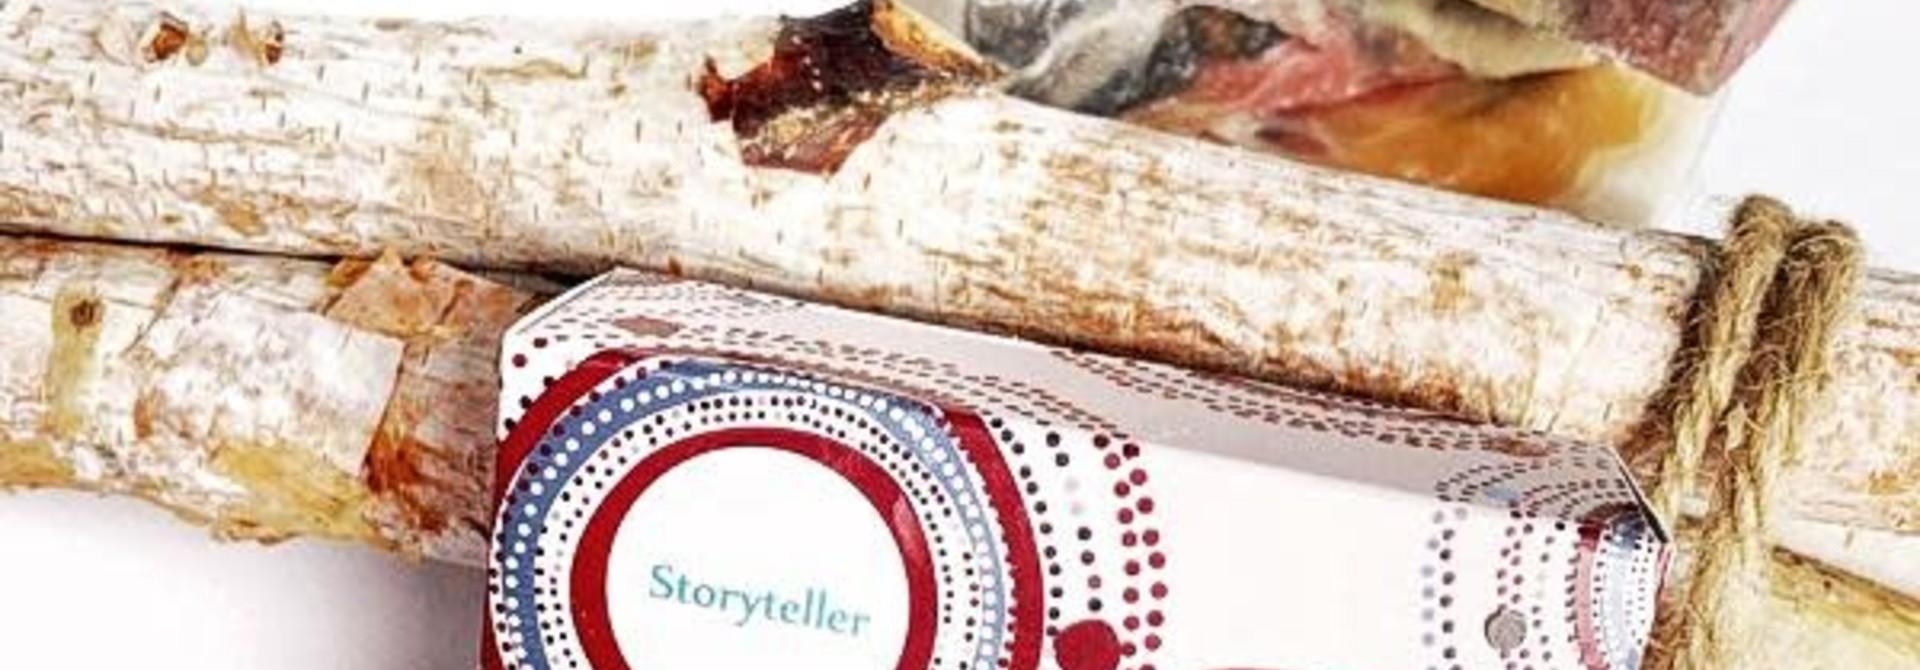 Sequoia 4 oz soap - Story Teller